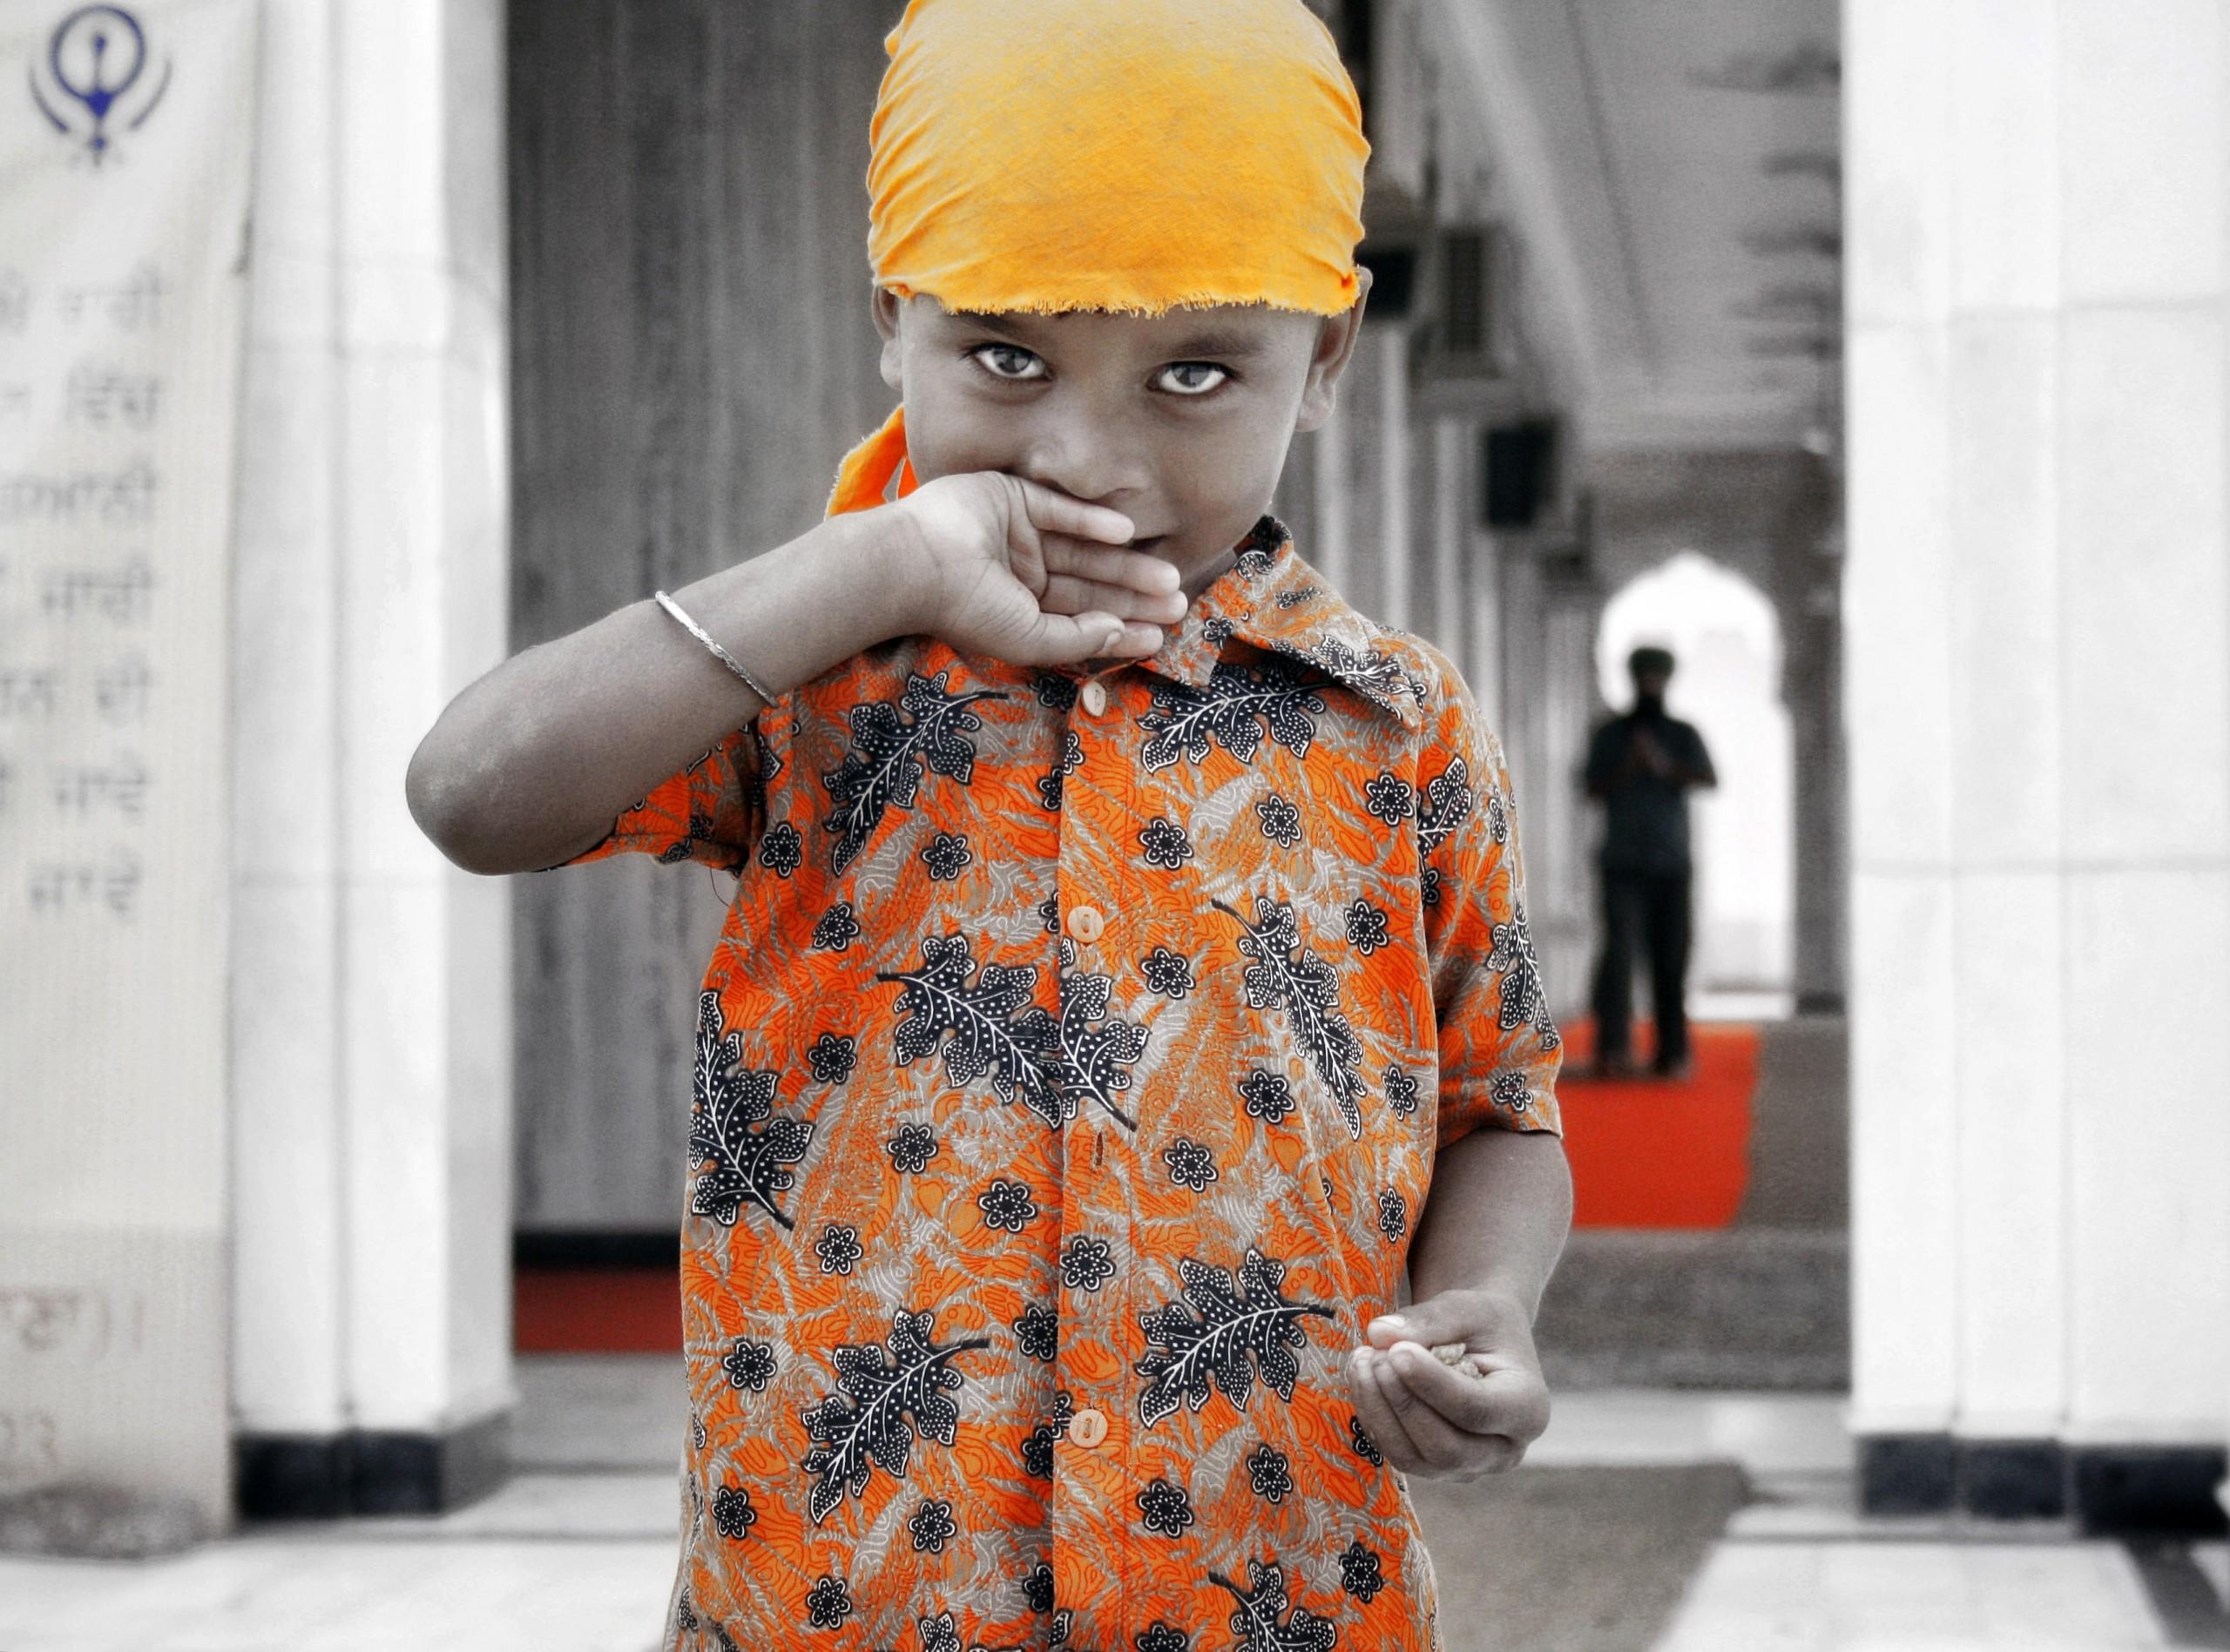 Small Kid at a Gurudwara Sikh Temple